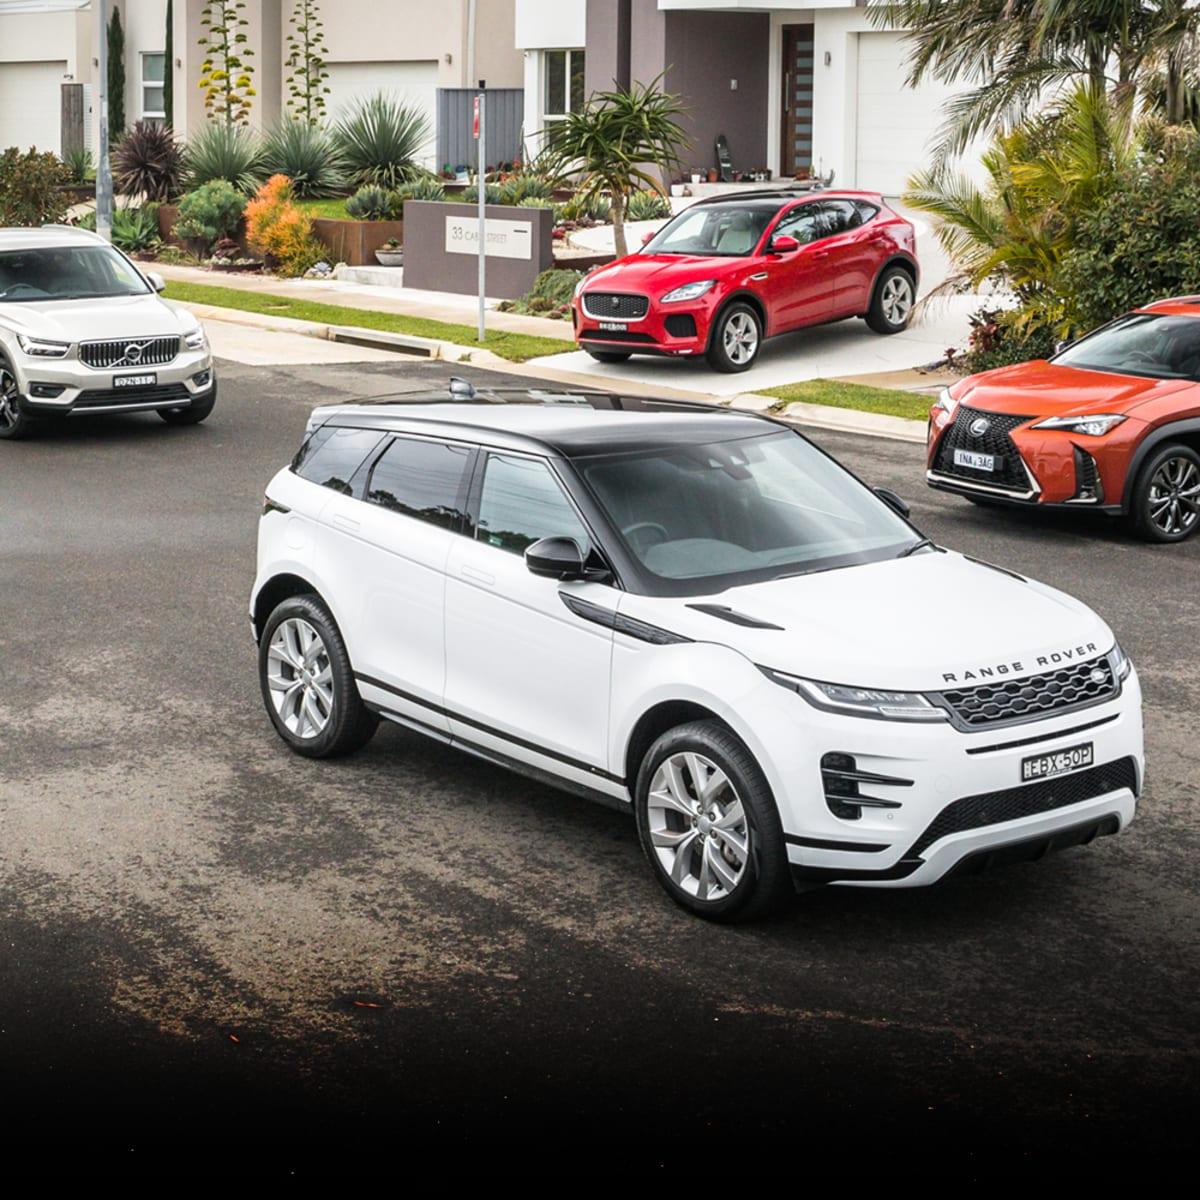 2019 Range Rover Evoque v Jaguar E-Pace v Lexus UX v Volvo XC40